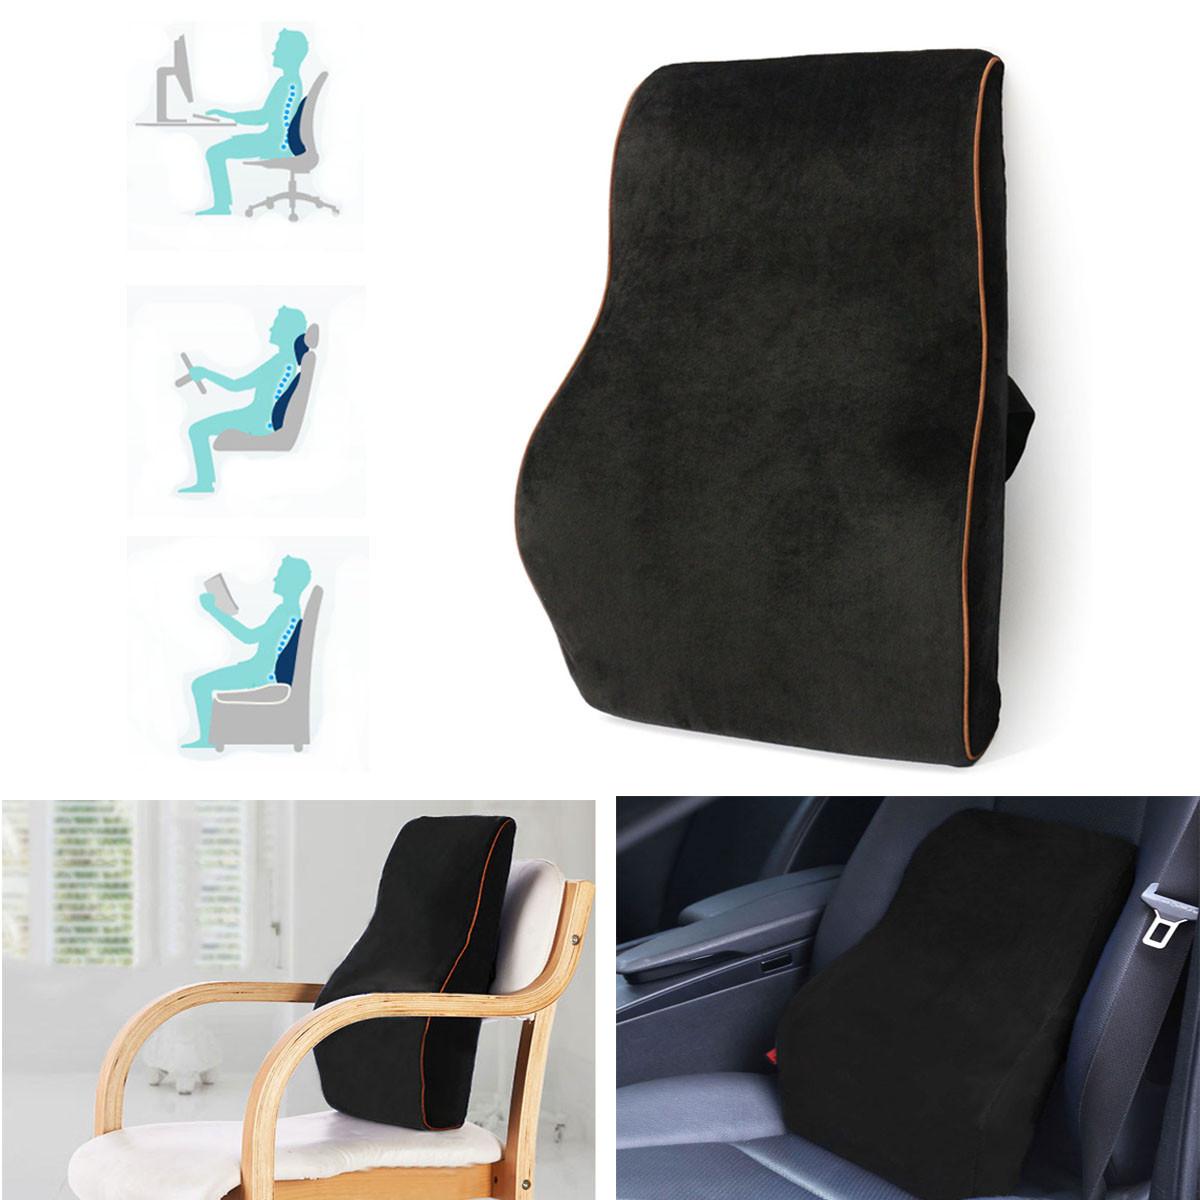 Compra soporte lumbar para silla de oficina online al por mayor de china mayoristas de soporte - Cojin lumbar para silla de oficina ...